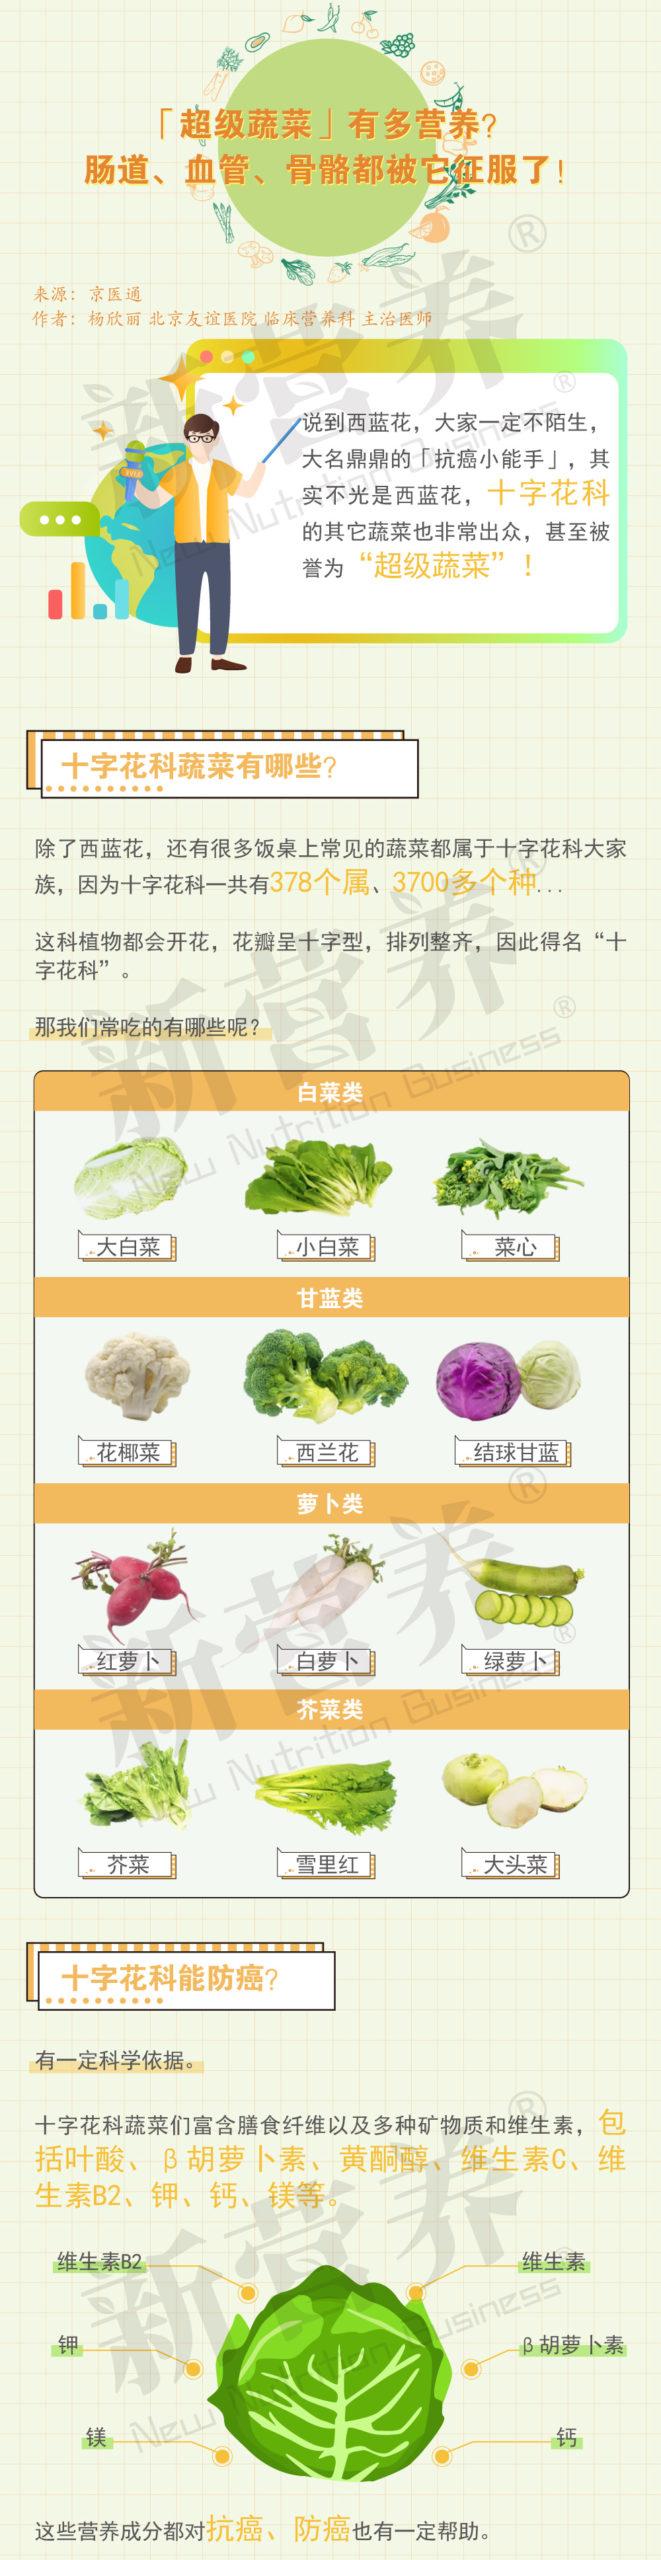 一图读懂   「超级蔬菜」有多营养?肠道、血管、骨骼都被它征服了!